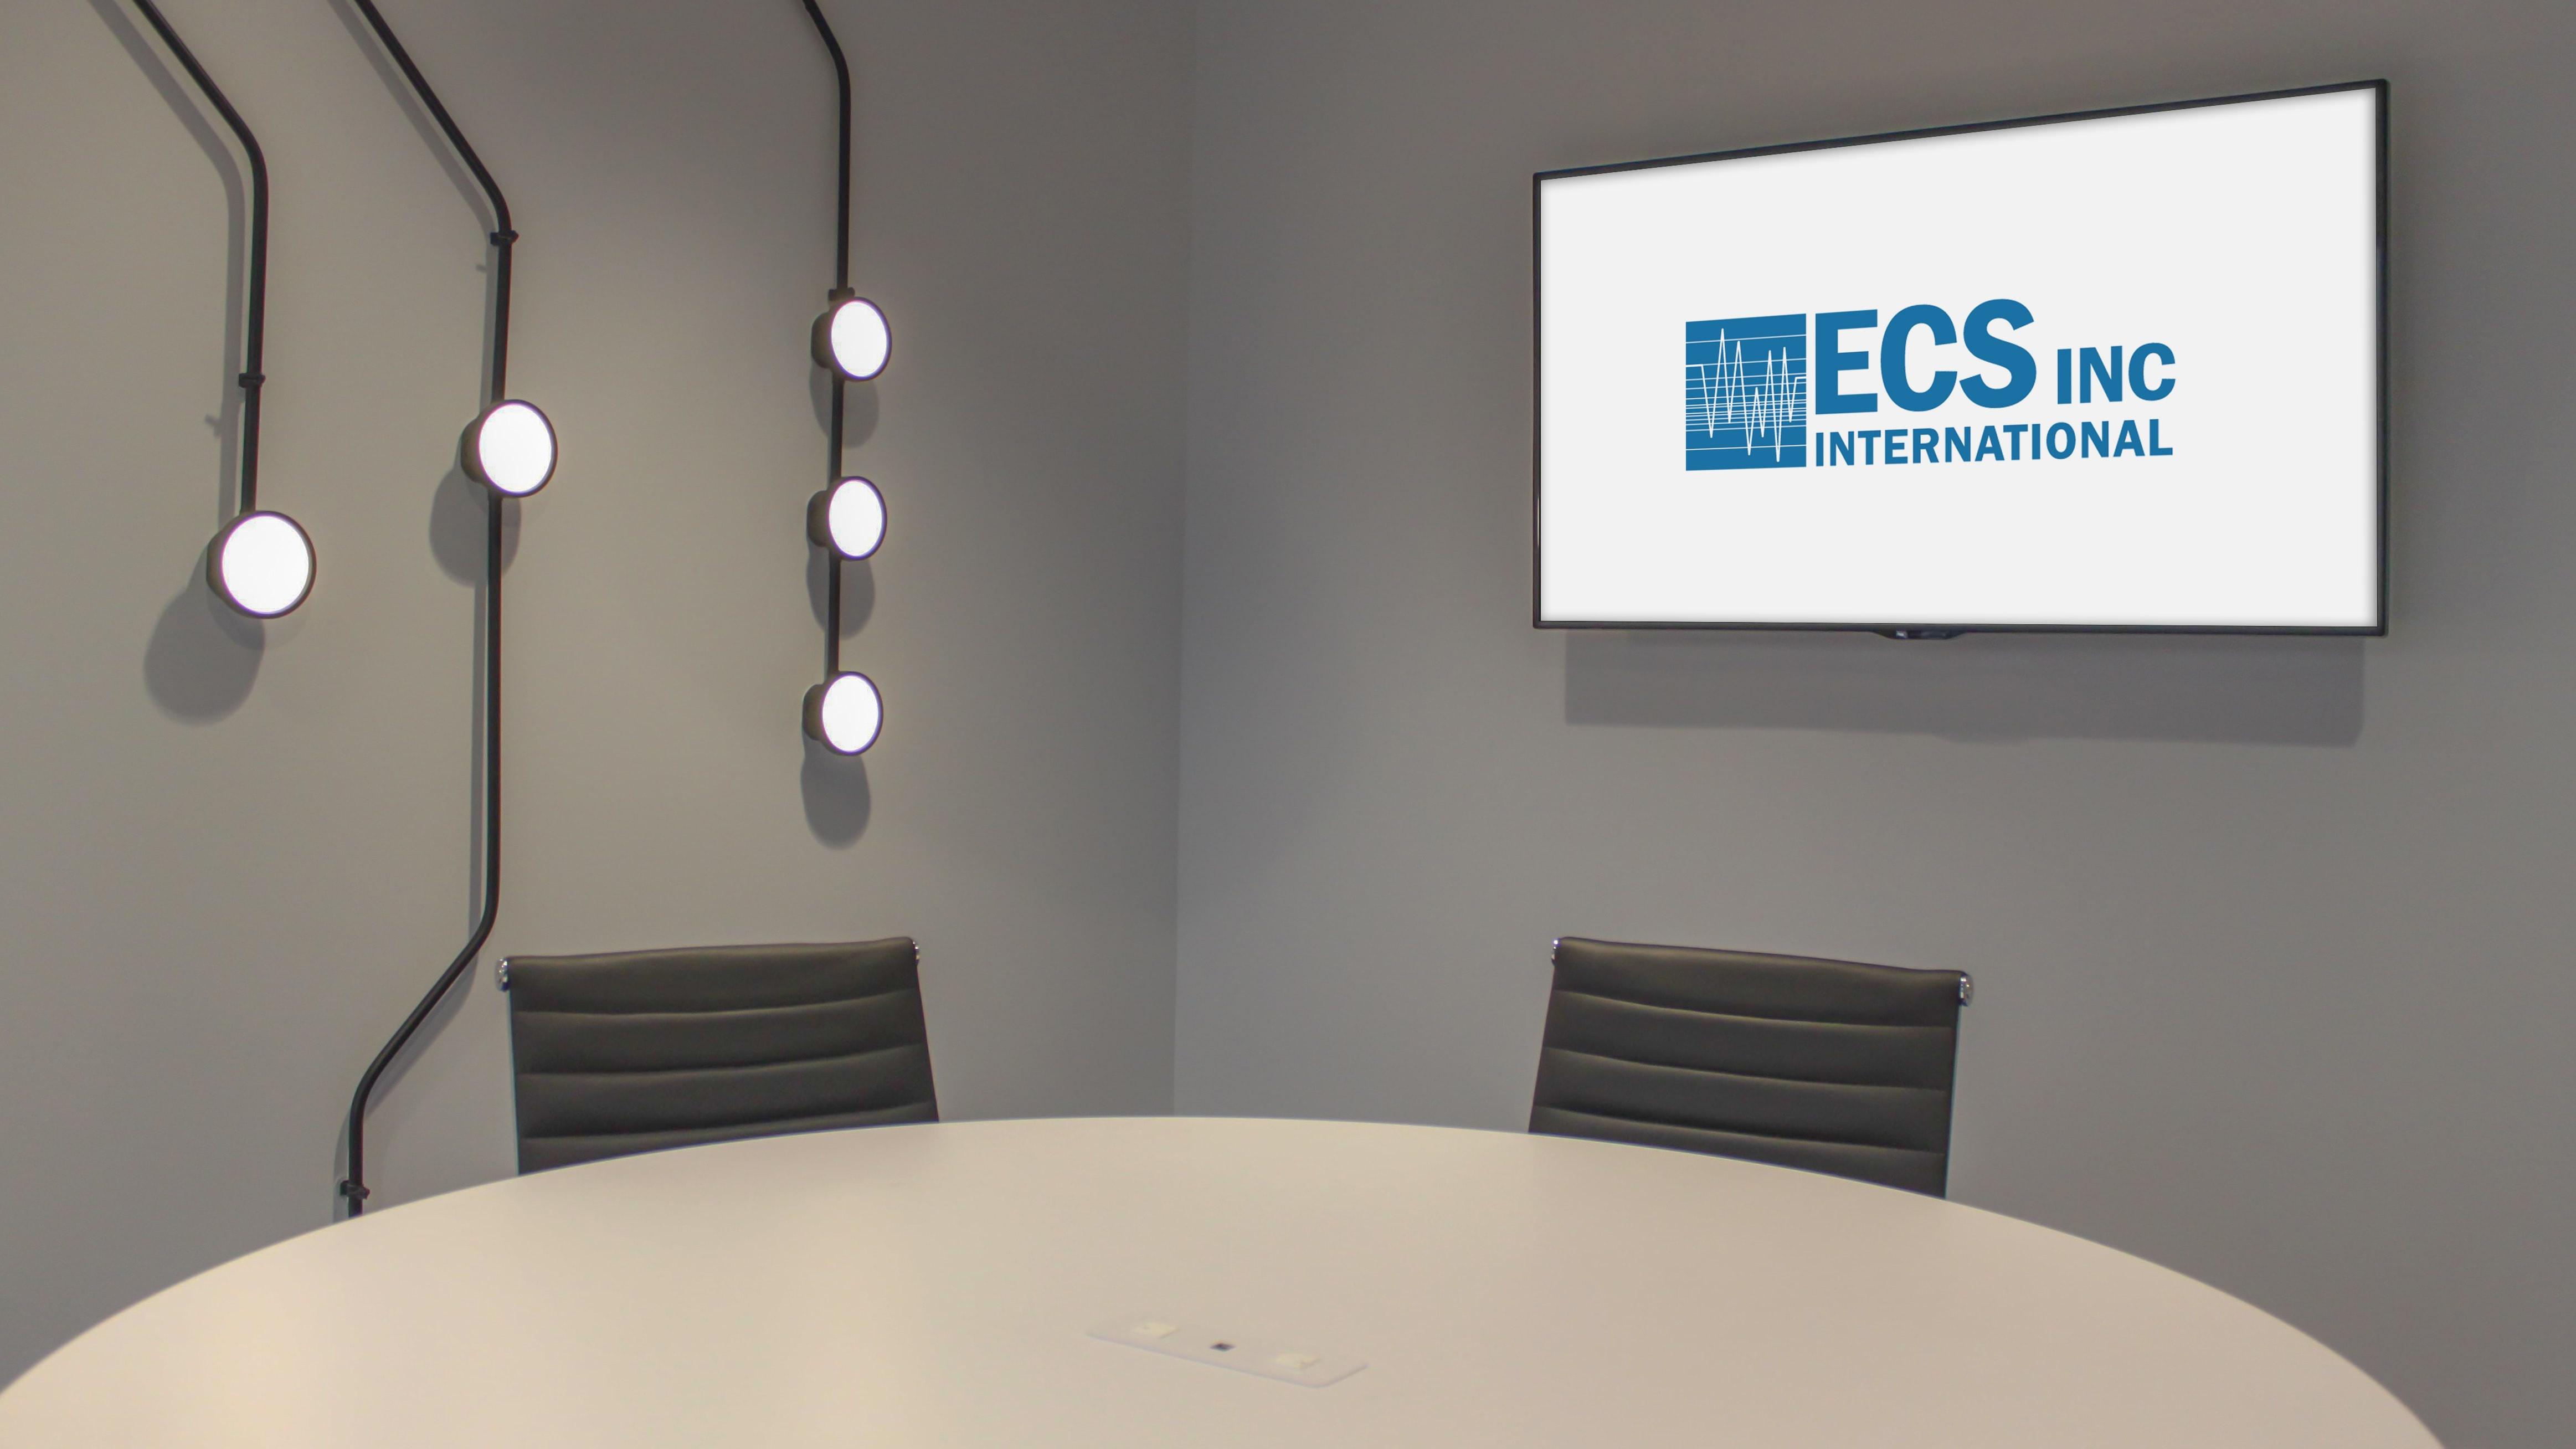 ECS_Inc-Intl-5